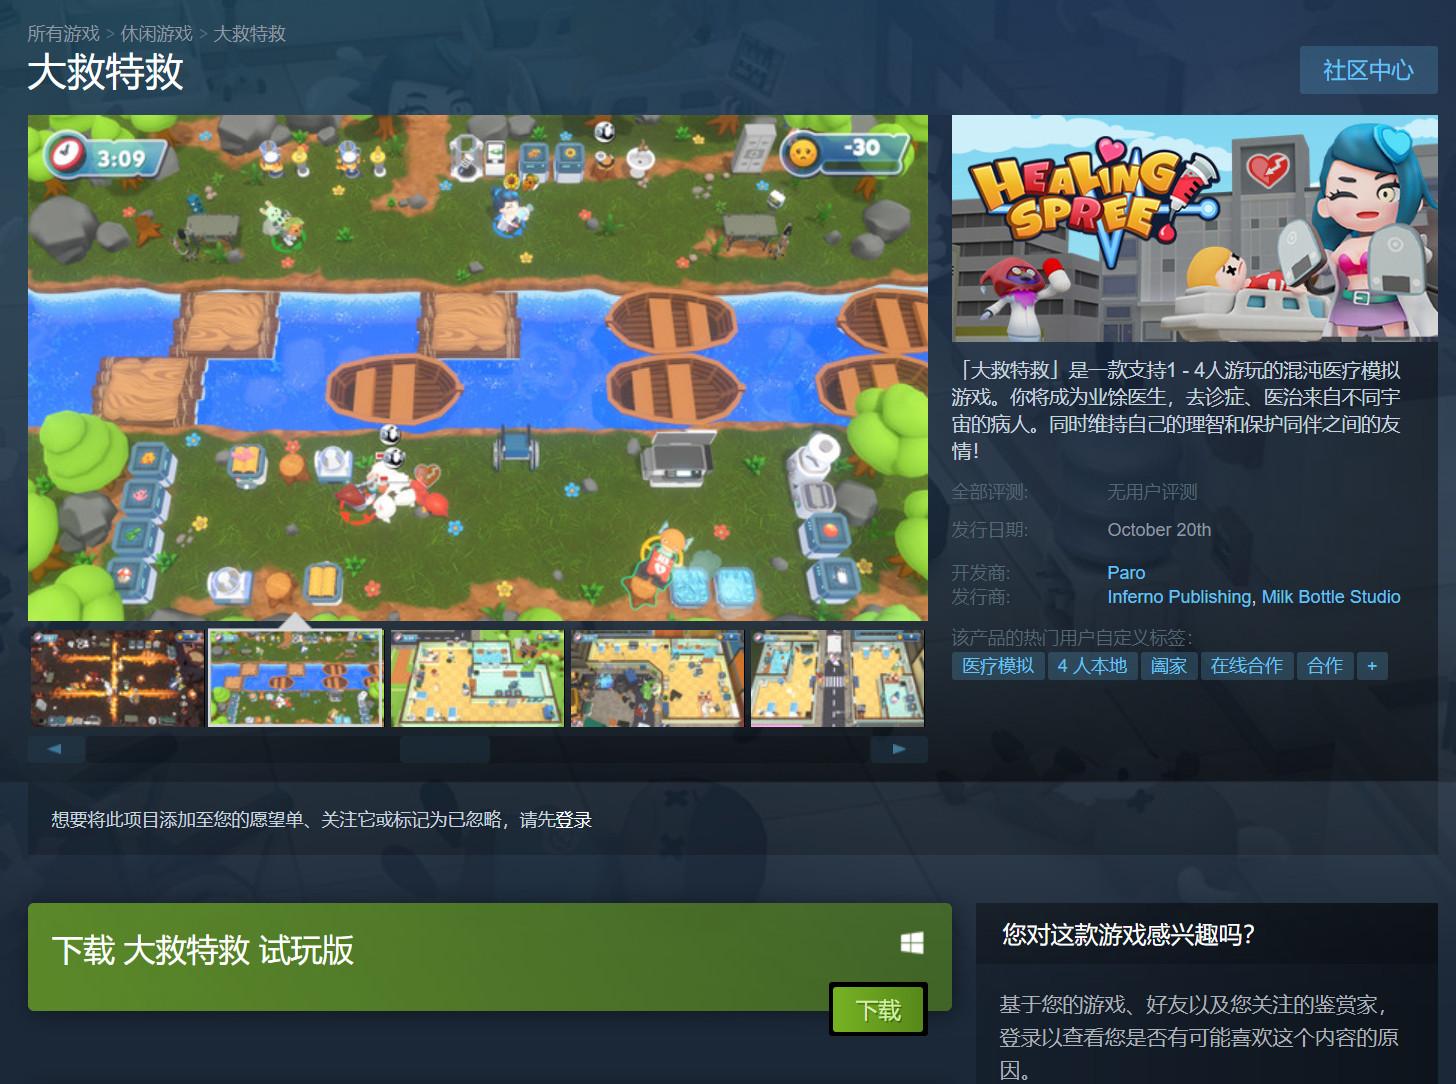 《大救特救》10月20日登陆Steam 支持线上及线下联机游玩